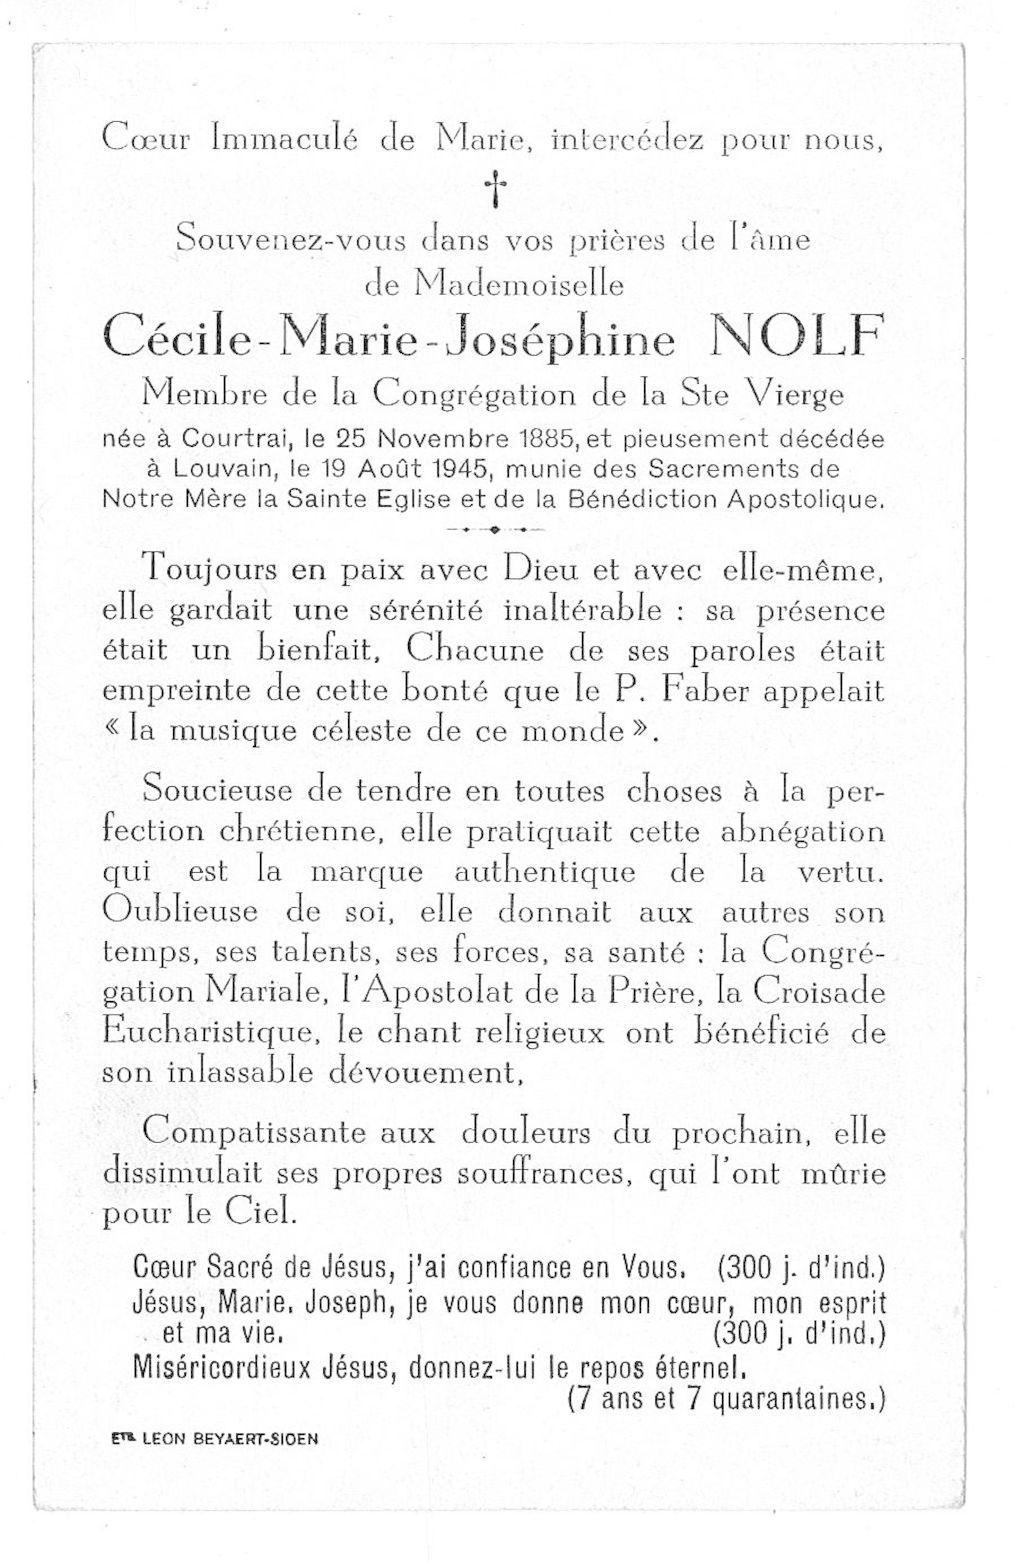 Cécile-Marie-Joséphine Nolf